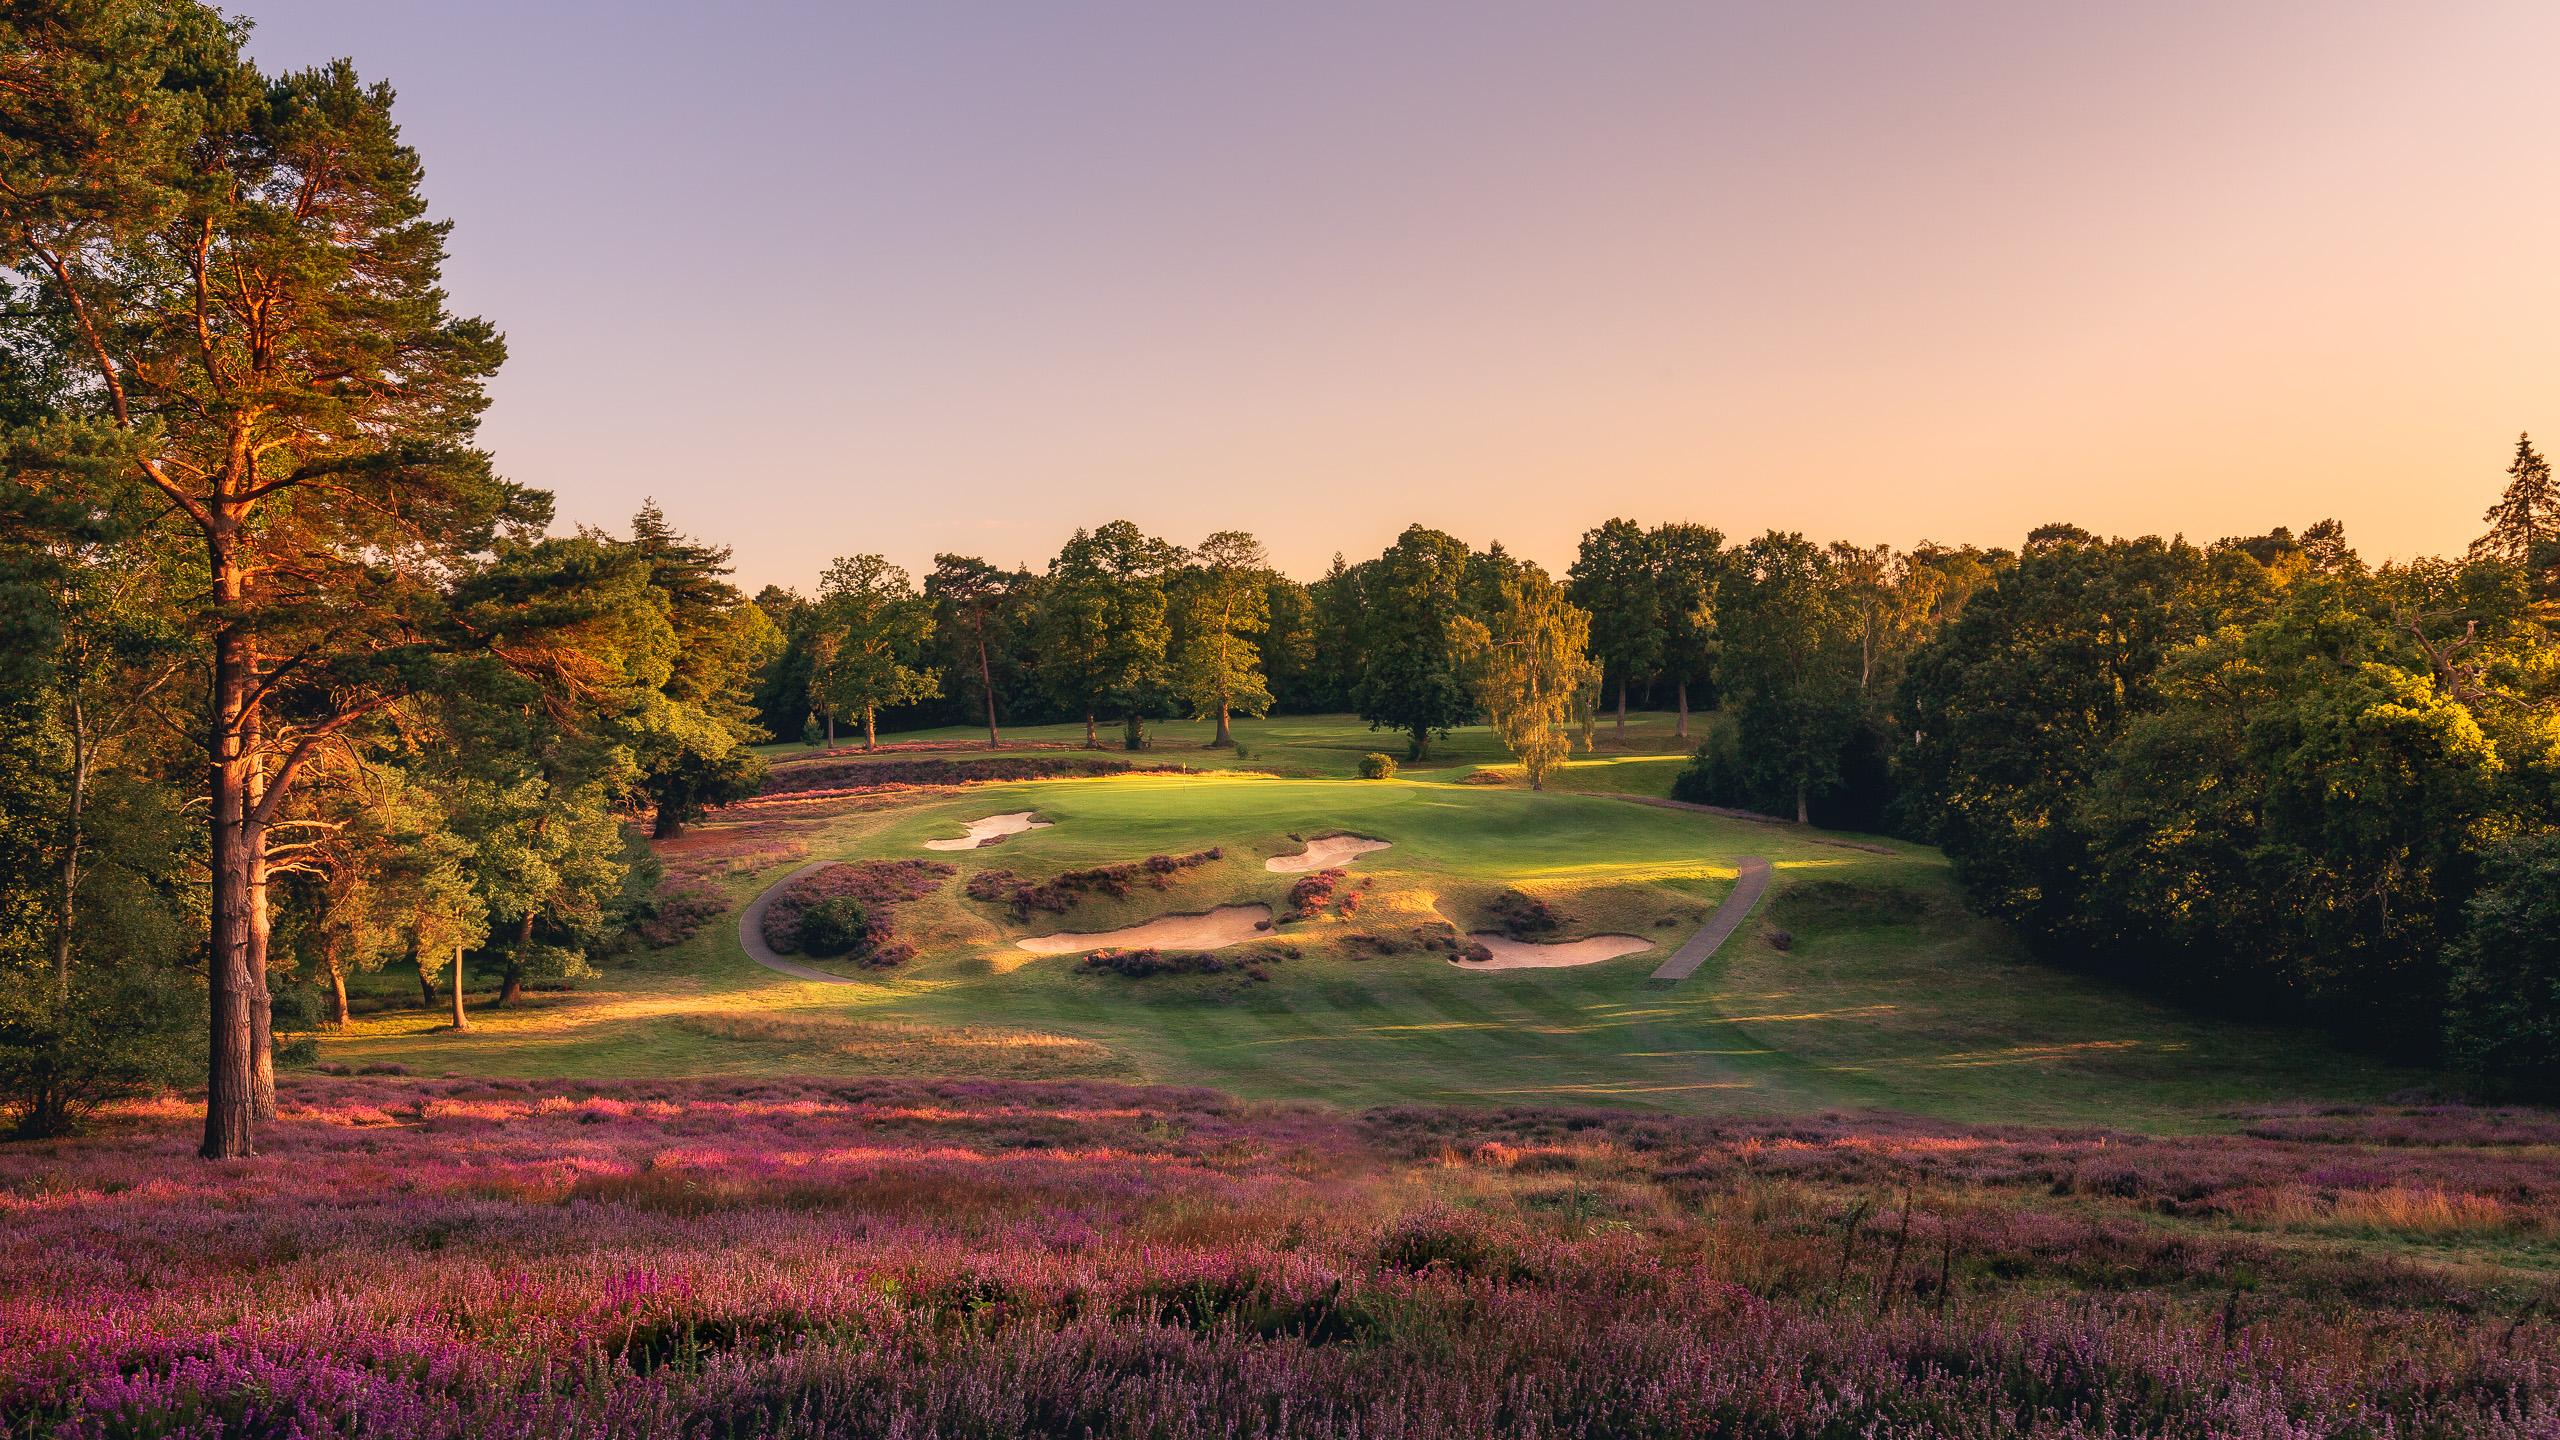 08th-Hole-St-Georges-Hill-Golf-Club-2441-Edit